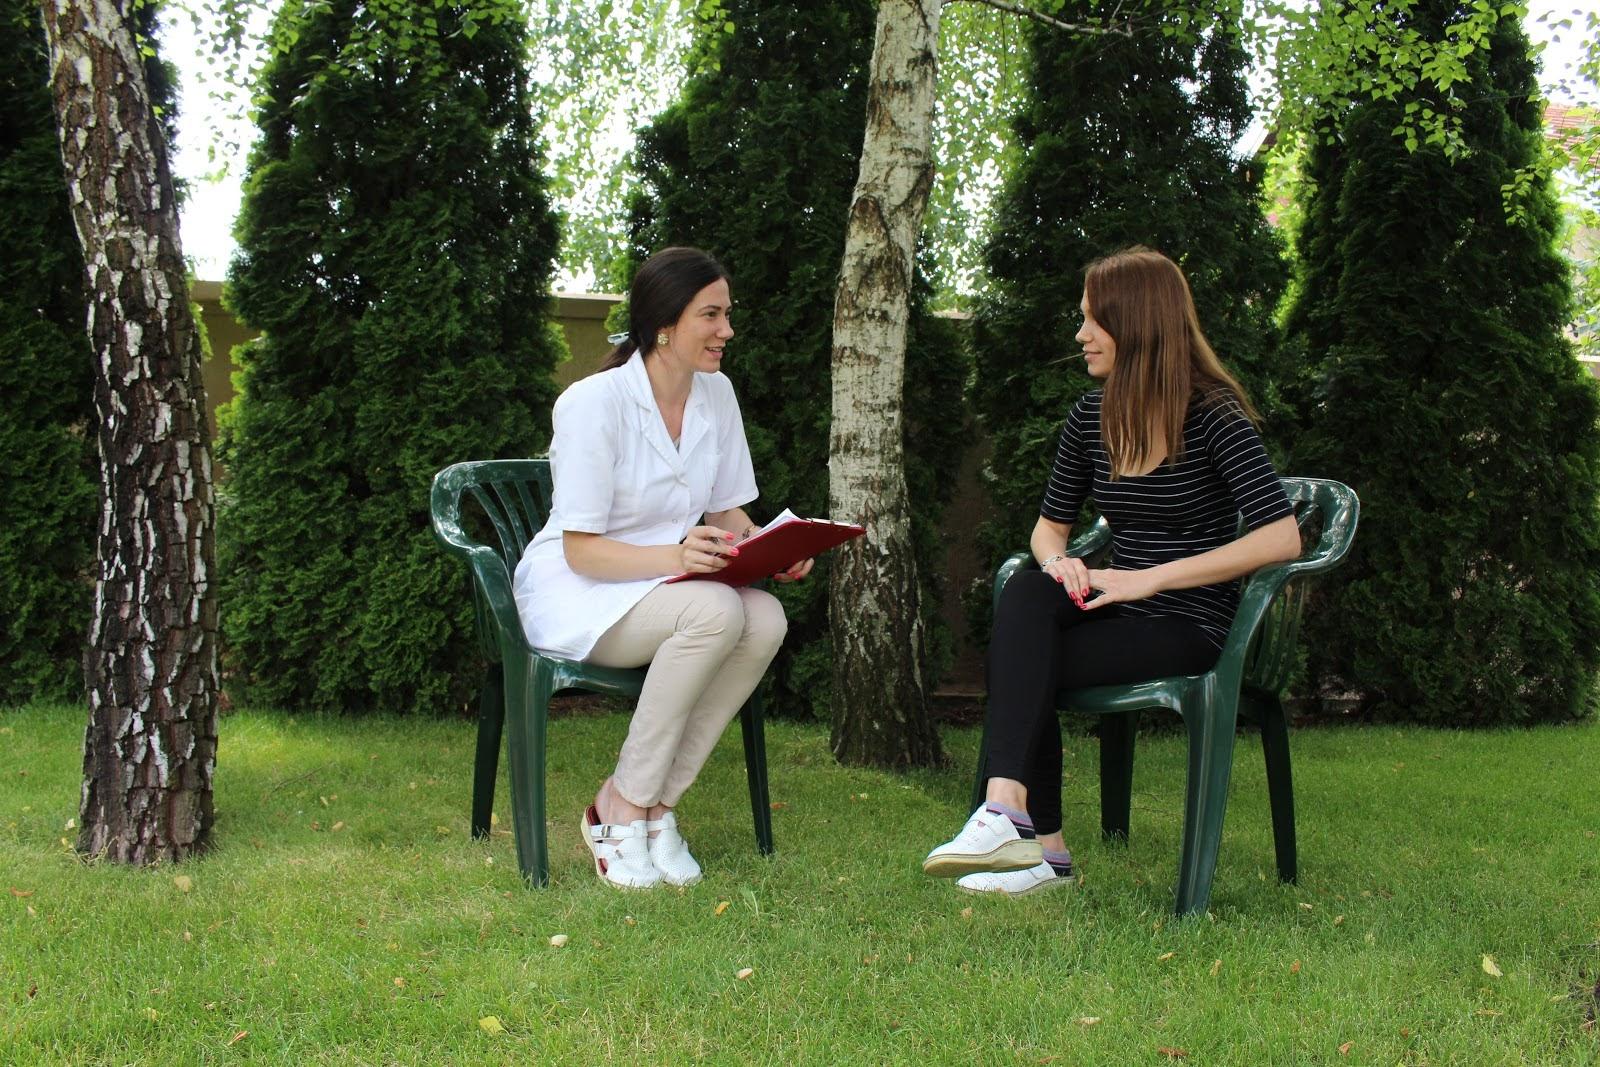 Psiholog razgovara sa pacijentom tokom rehabilitacije.